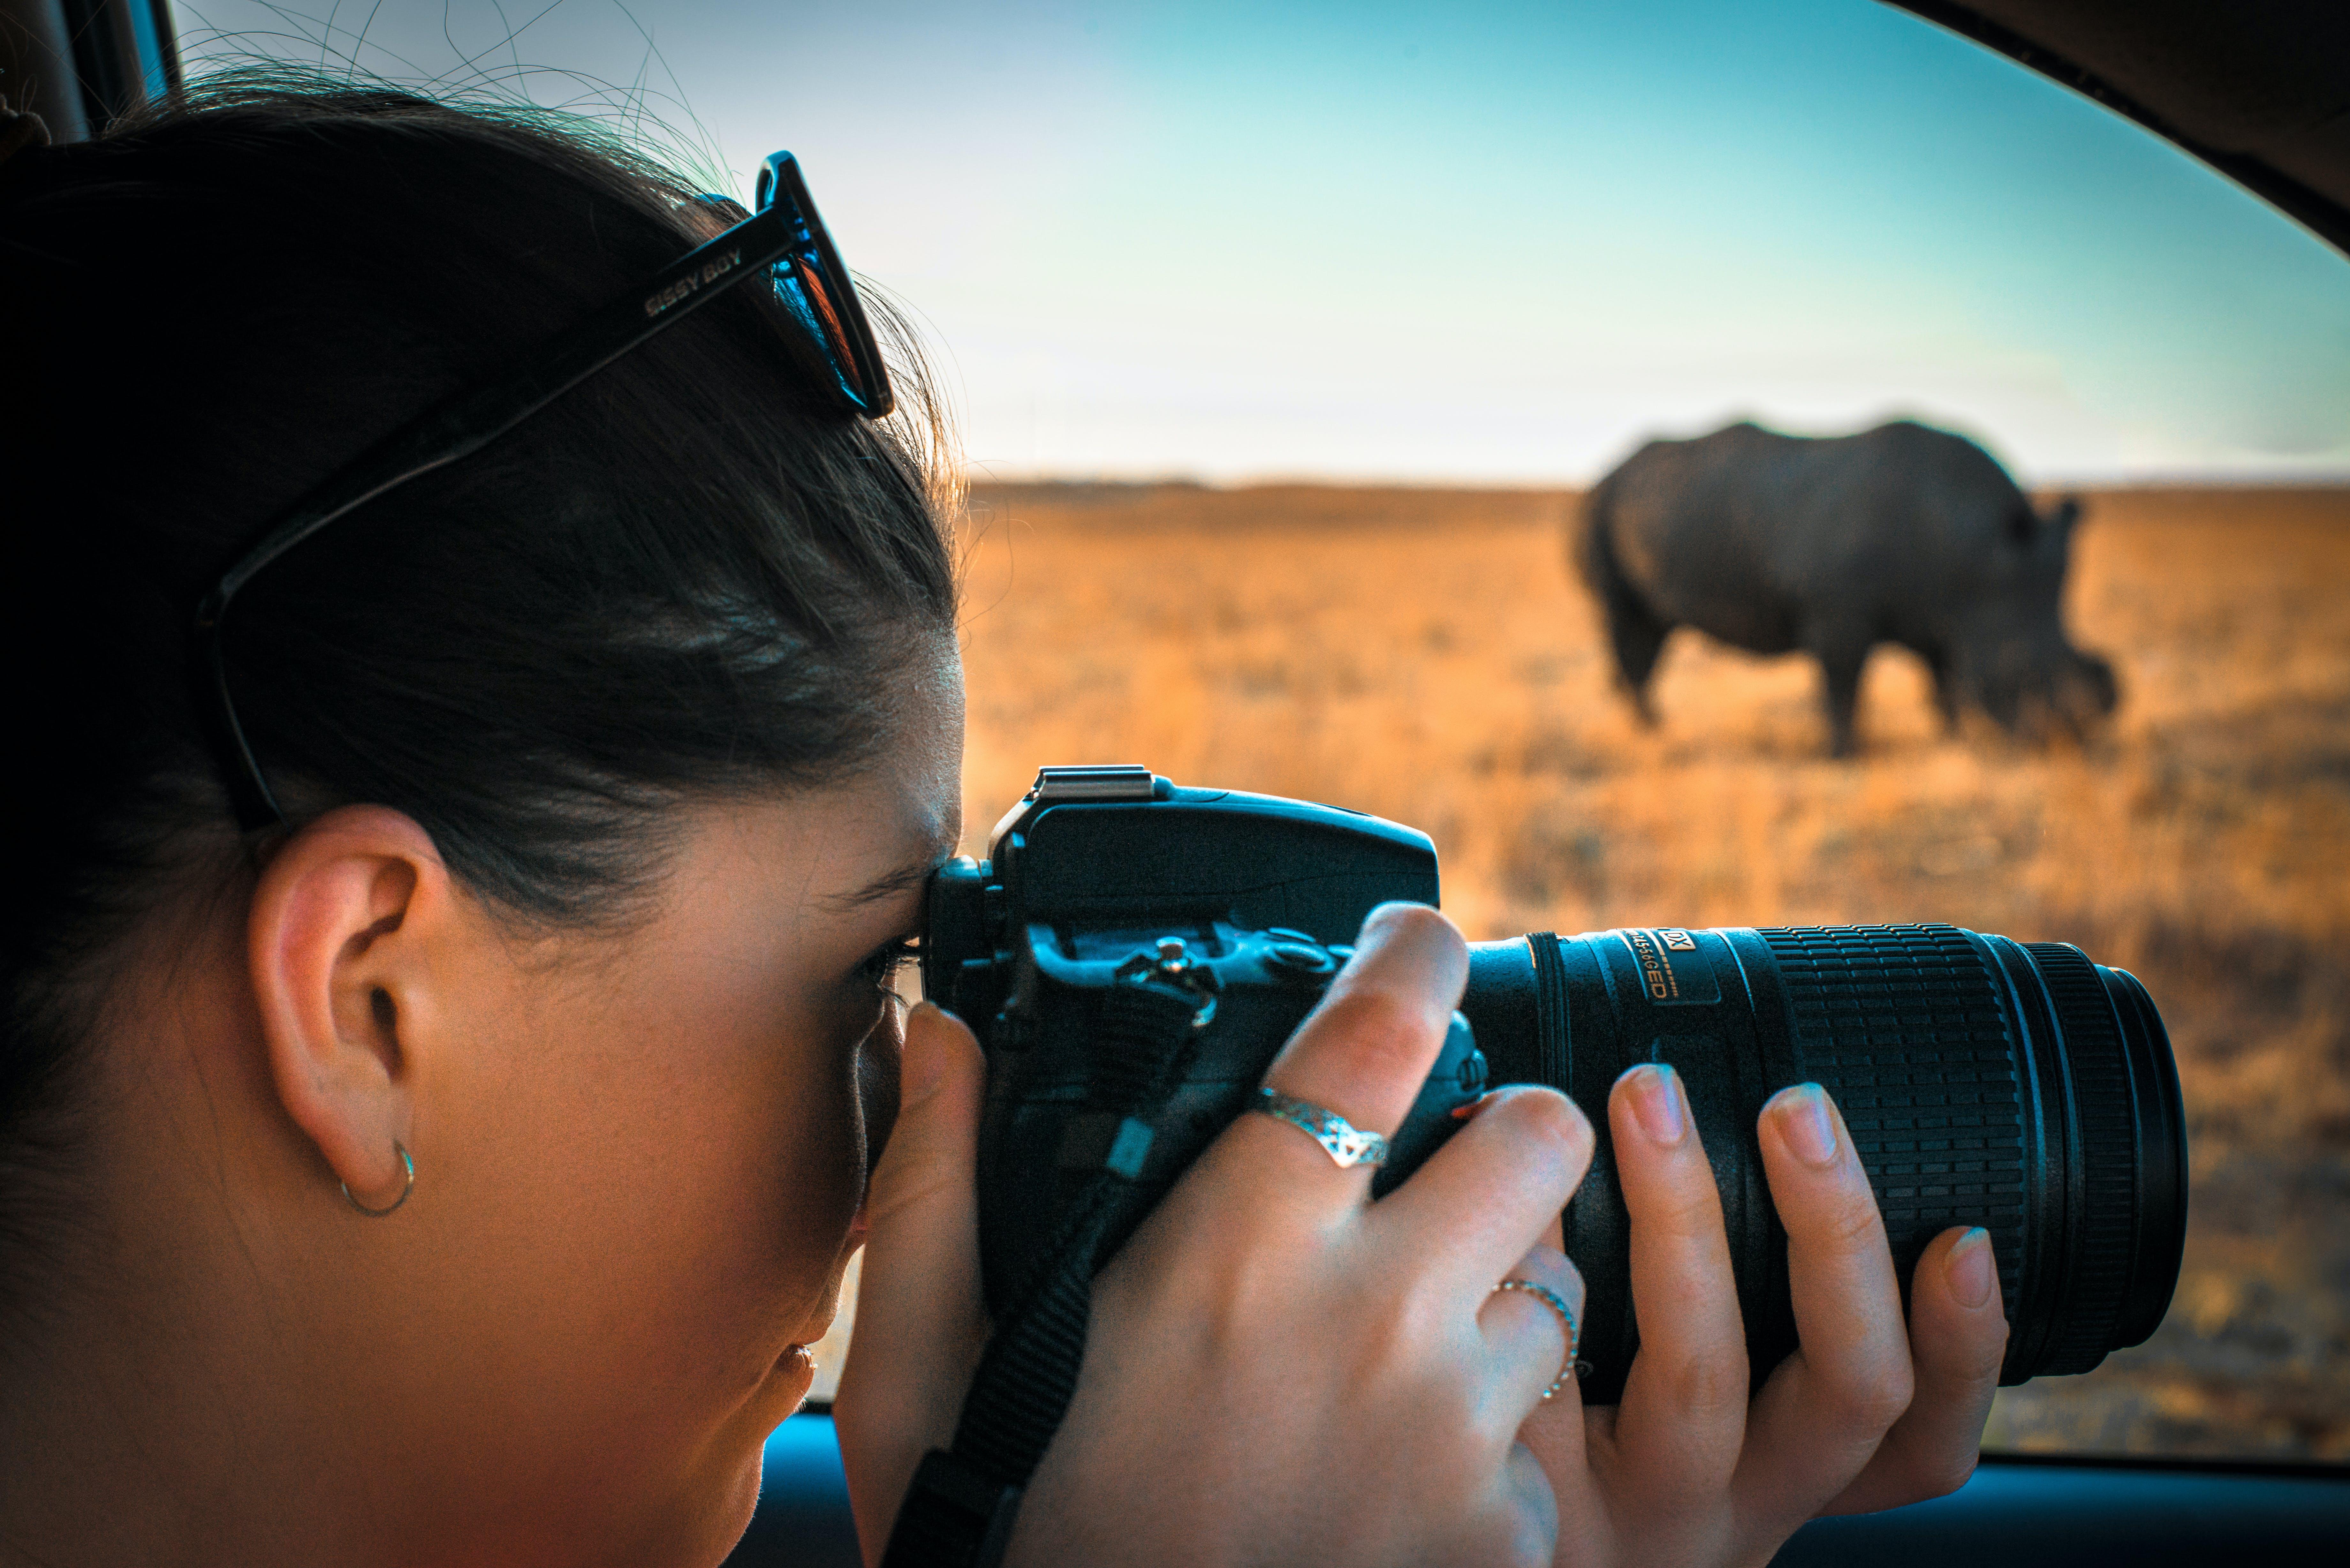 Gratis arkivbilde med afrika, bruke, dagslys, digitalt speilreflekskamera